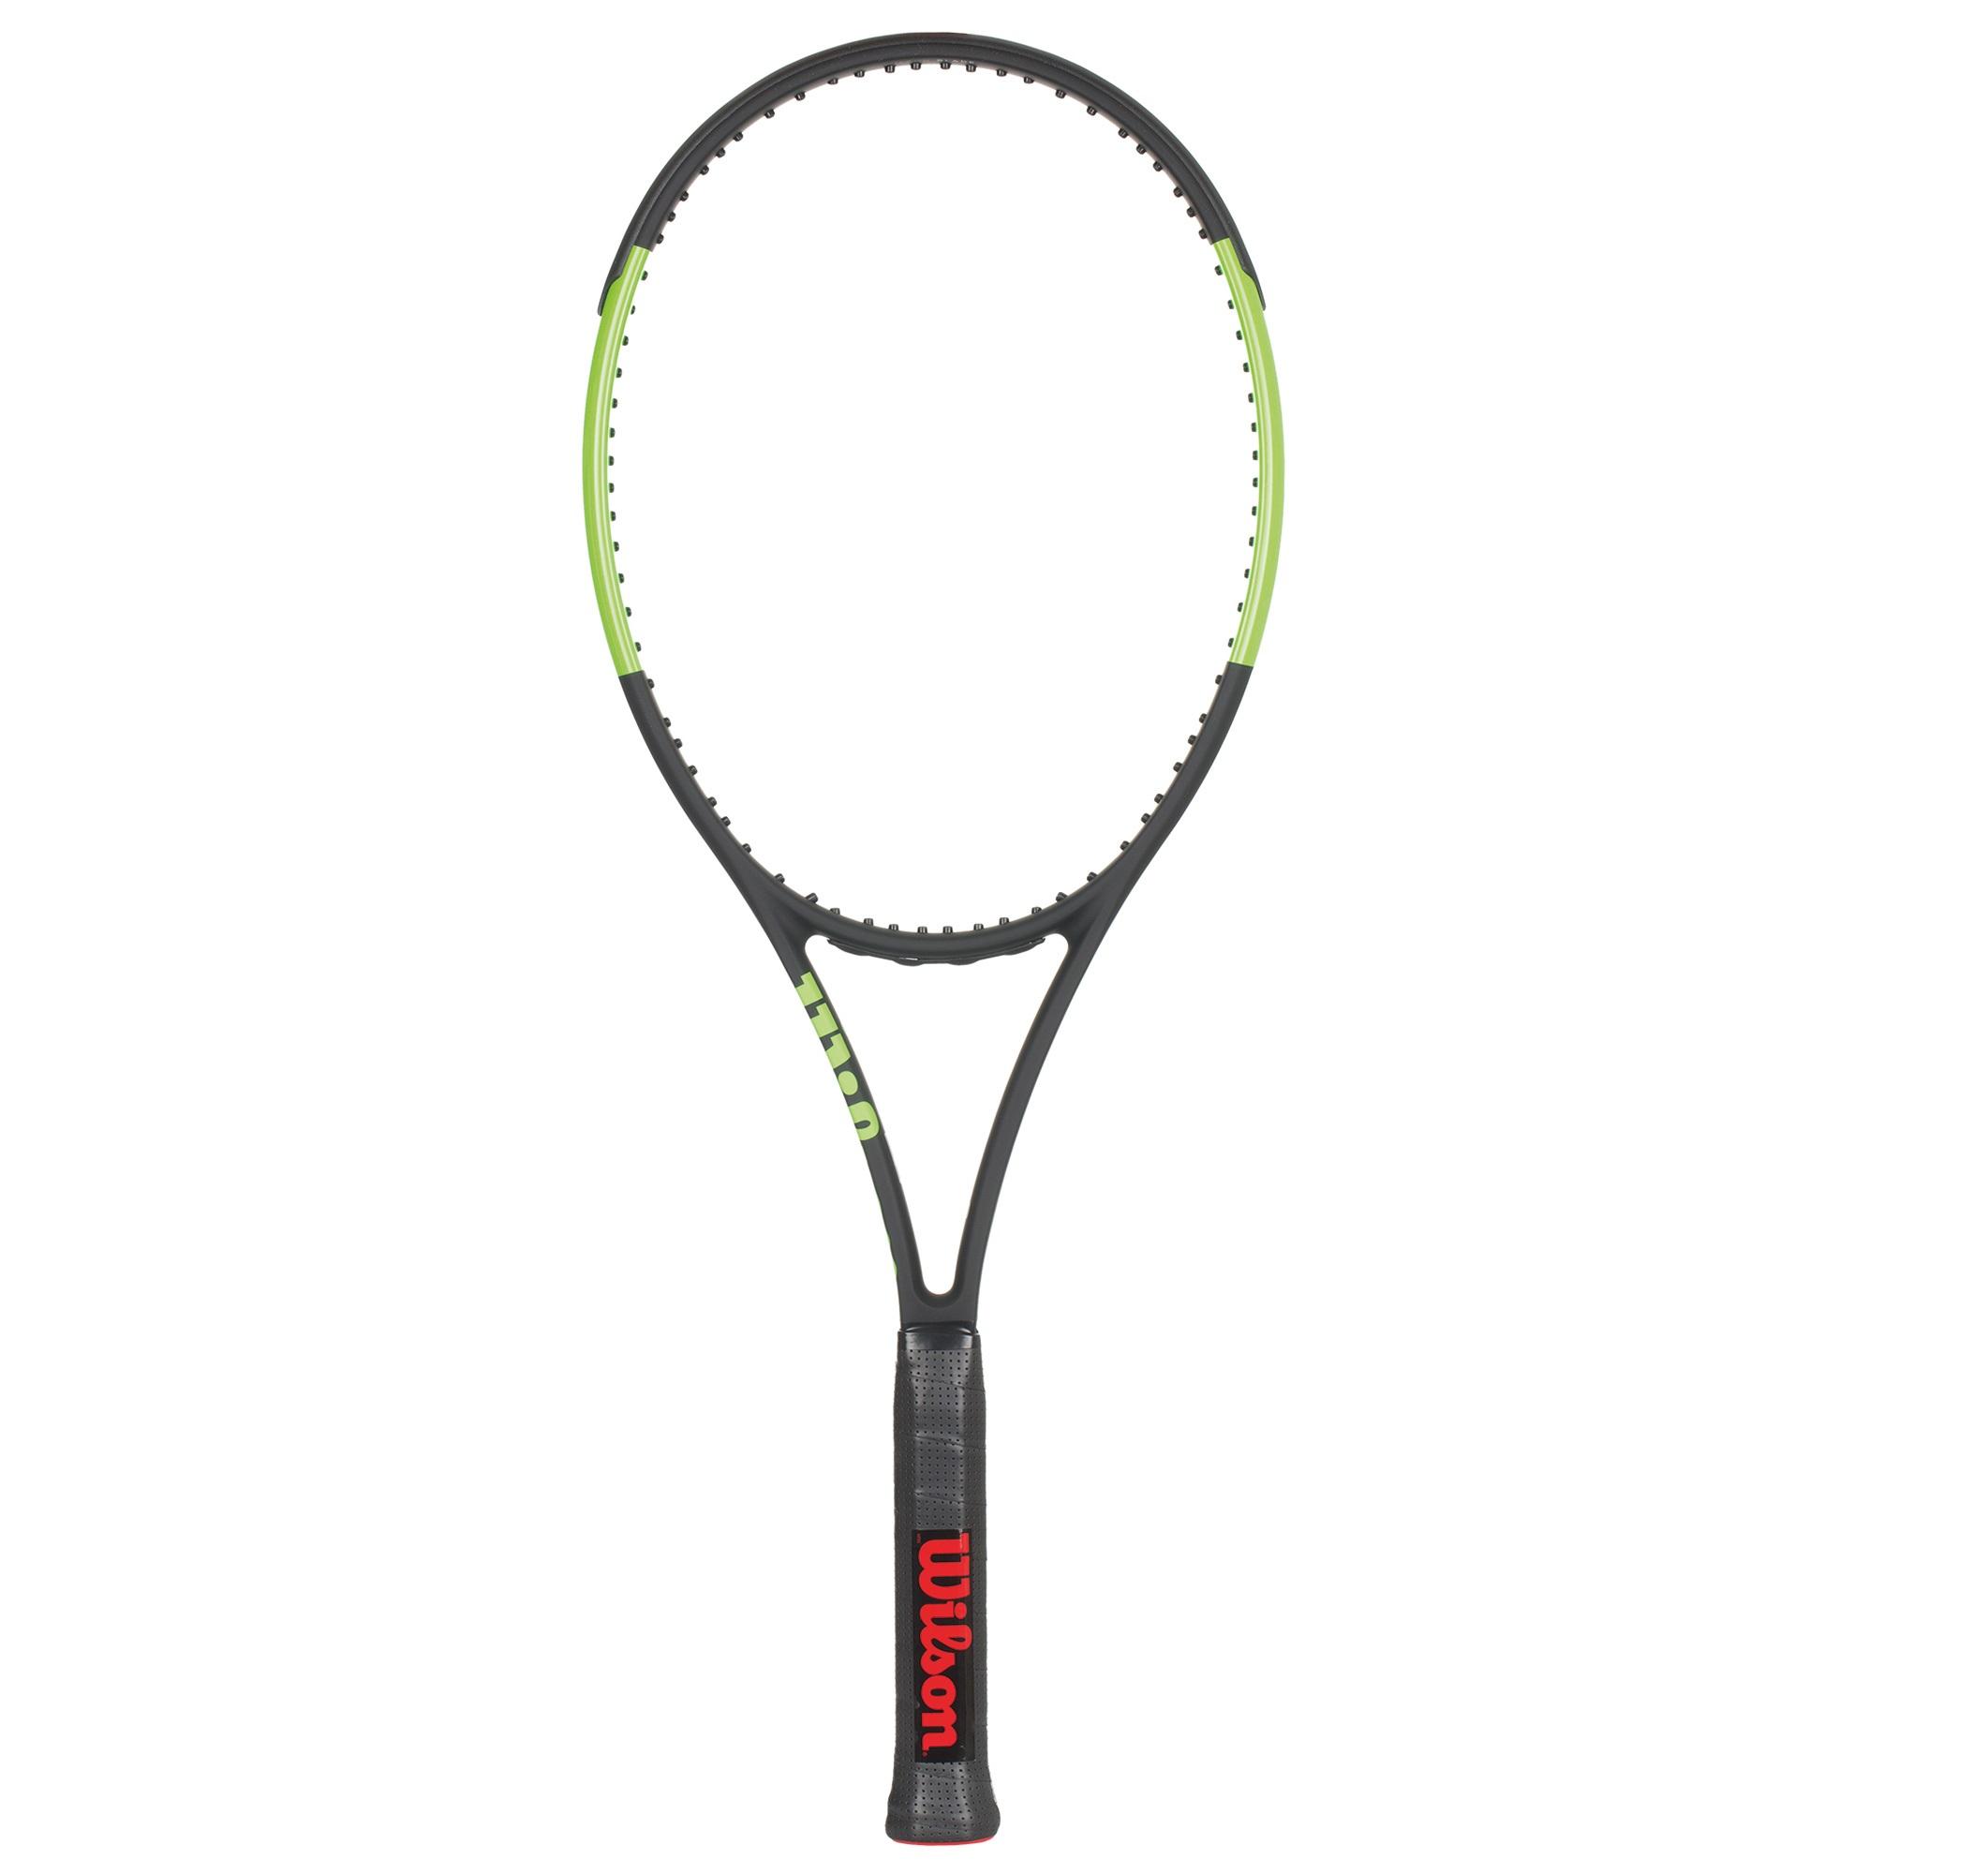 Wilson Ракетка для большого тенниса Wilson Blade 98 сетки для тенниса большого